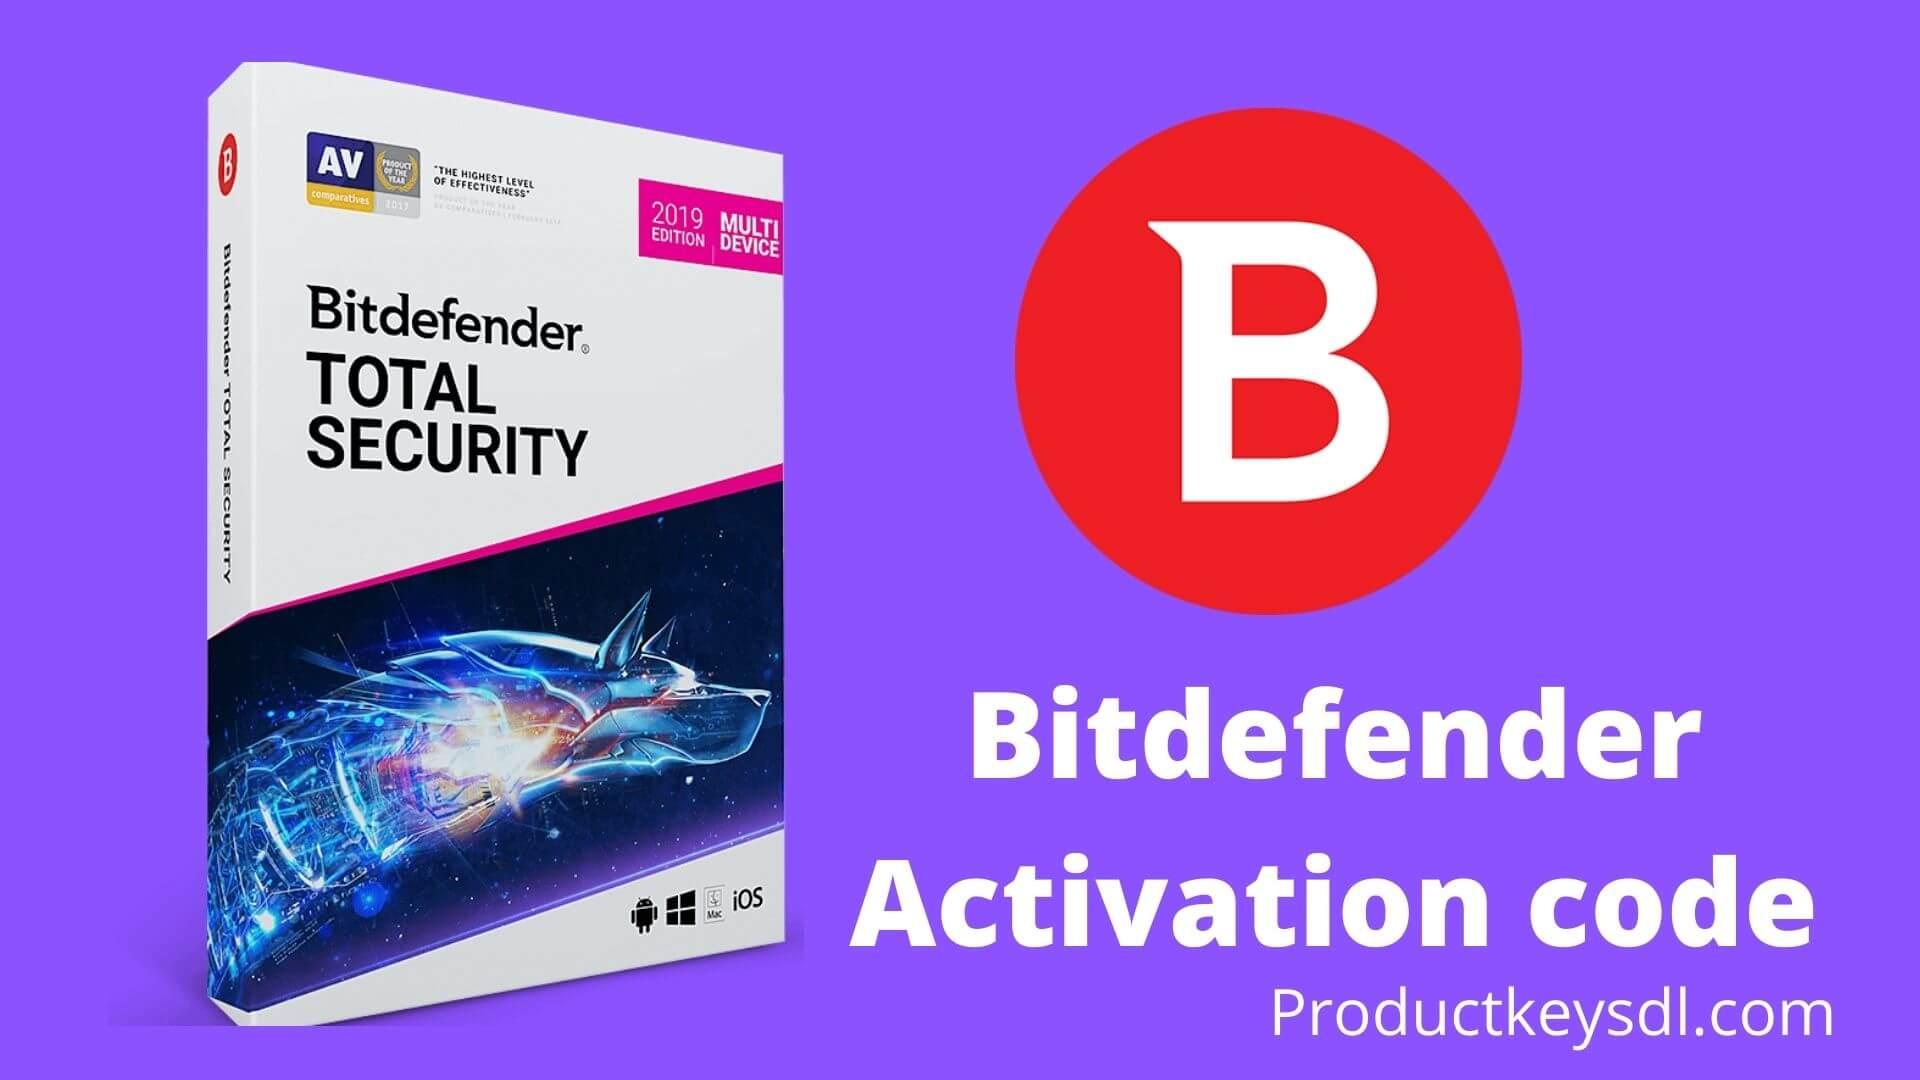 Bitdefender Activation code